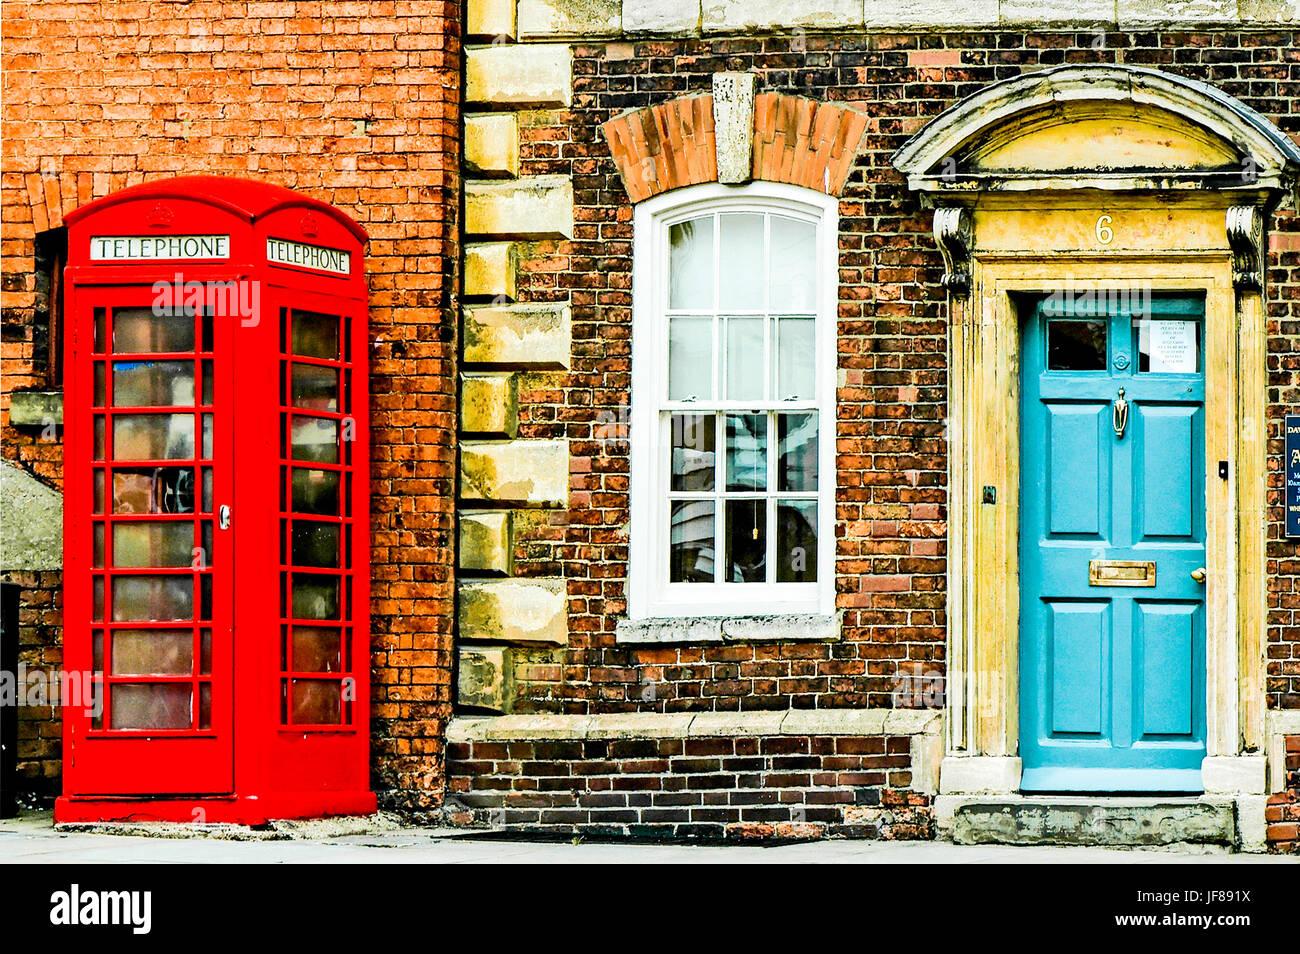 Typisch Englisch: Haustür und Telefon-Box; Typisch